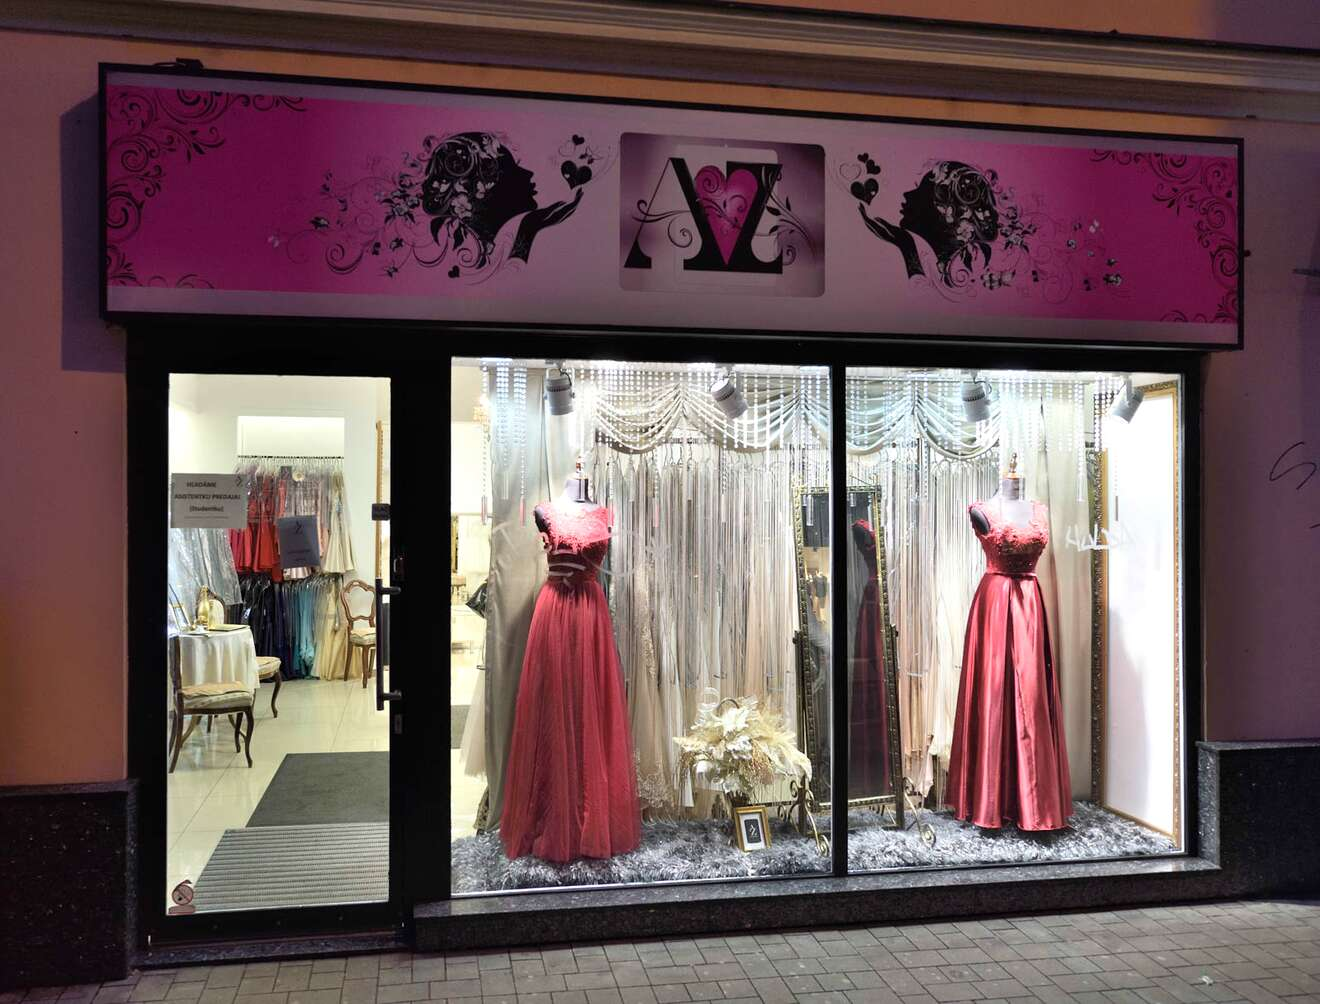 Budúce nevesty si v salóne môžu vybrať zo širokej kolekcie svadobných šiat  a zároveň na jednom mieste zakúpiť aj popolnočnú róbu. Spoločenské šaty sú  ... c9e547bf16c